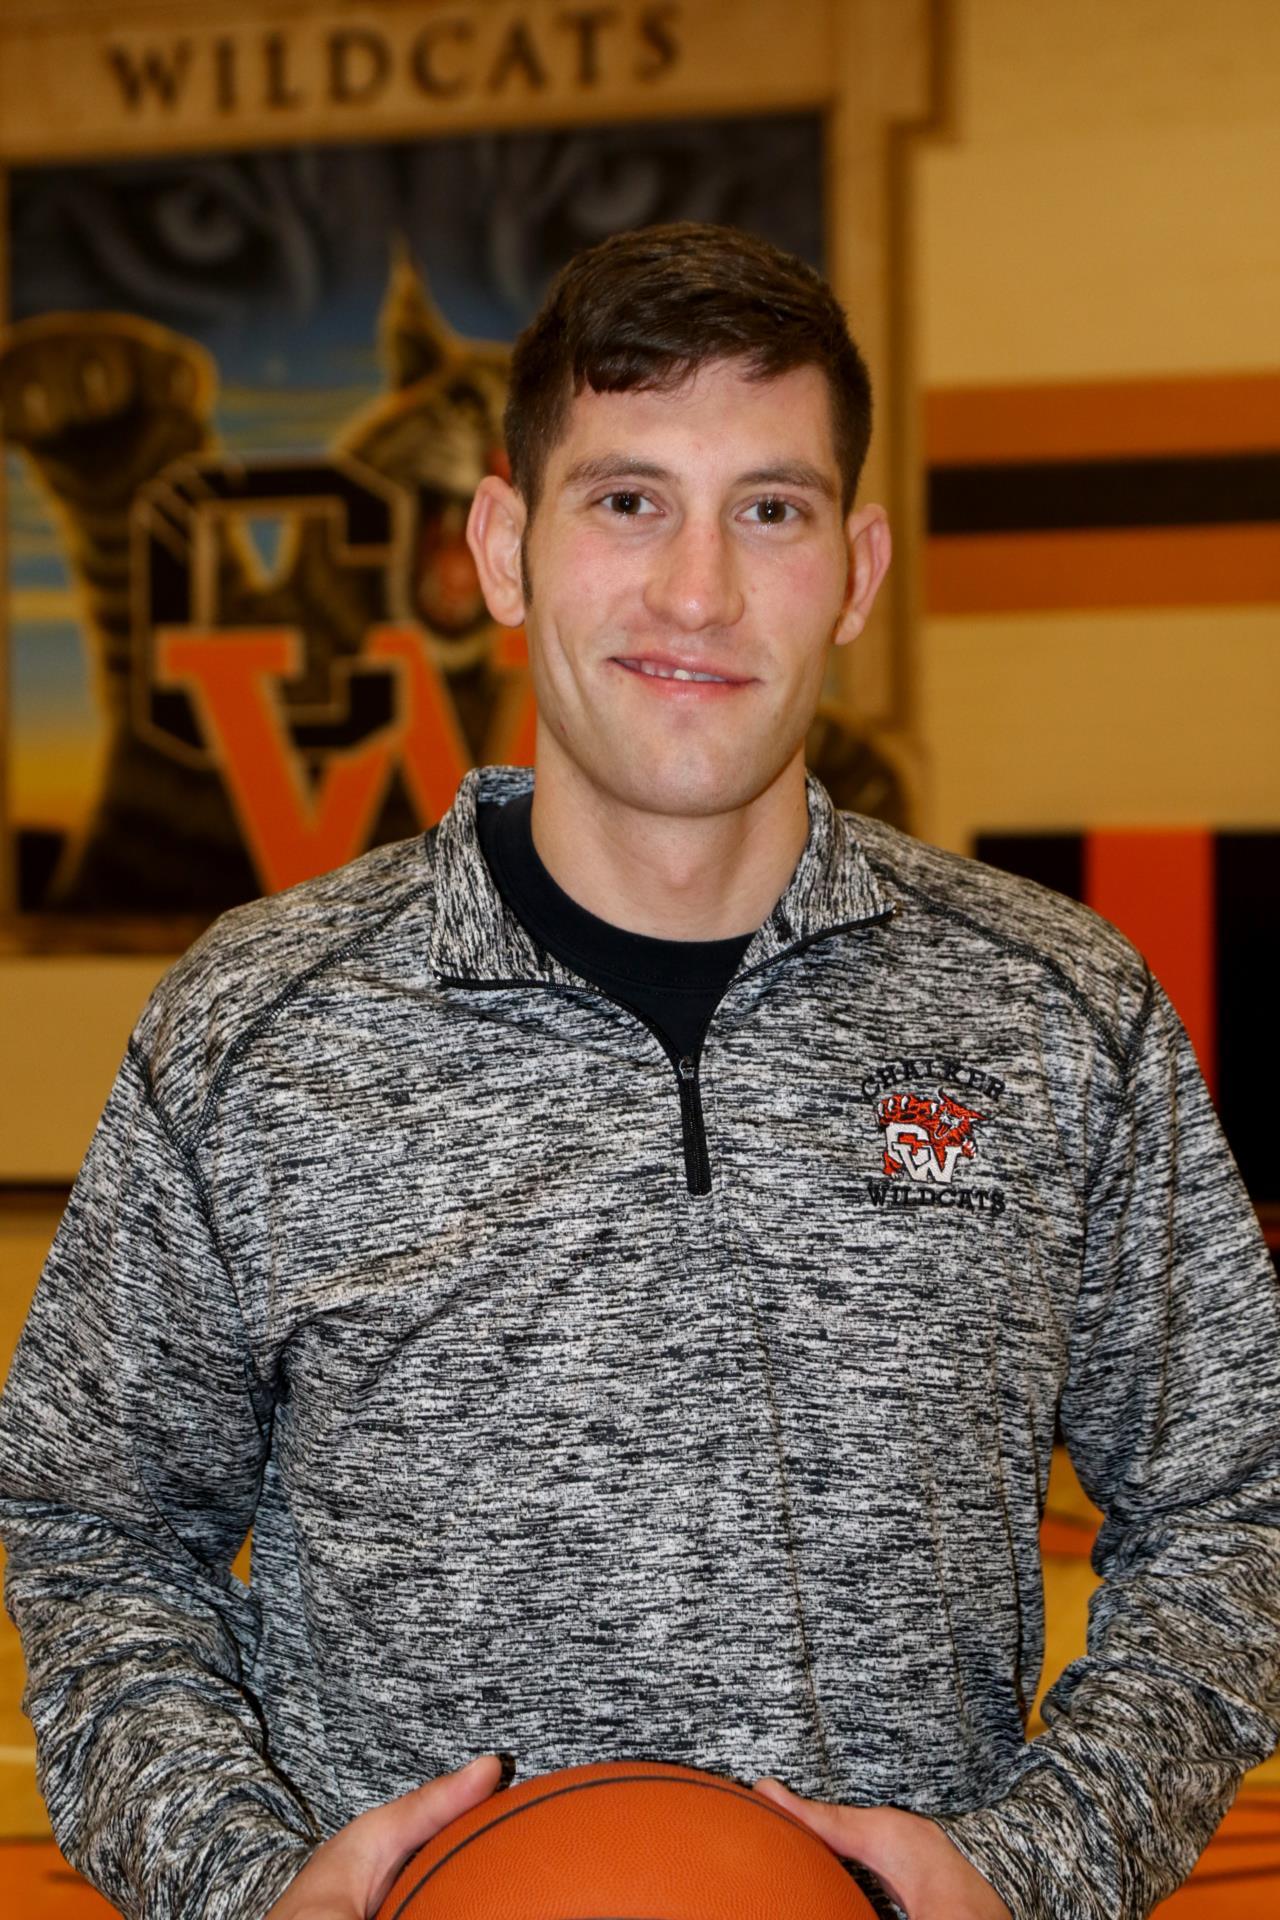 Coach Matt Yoder